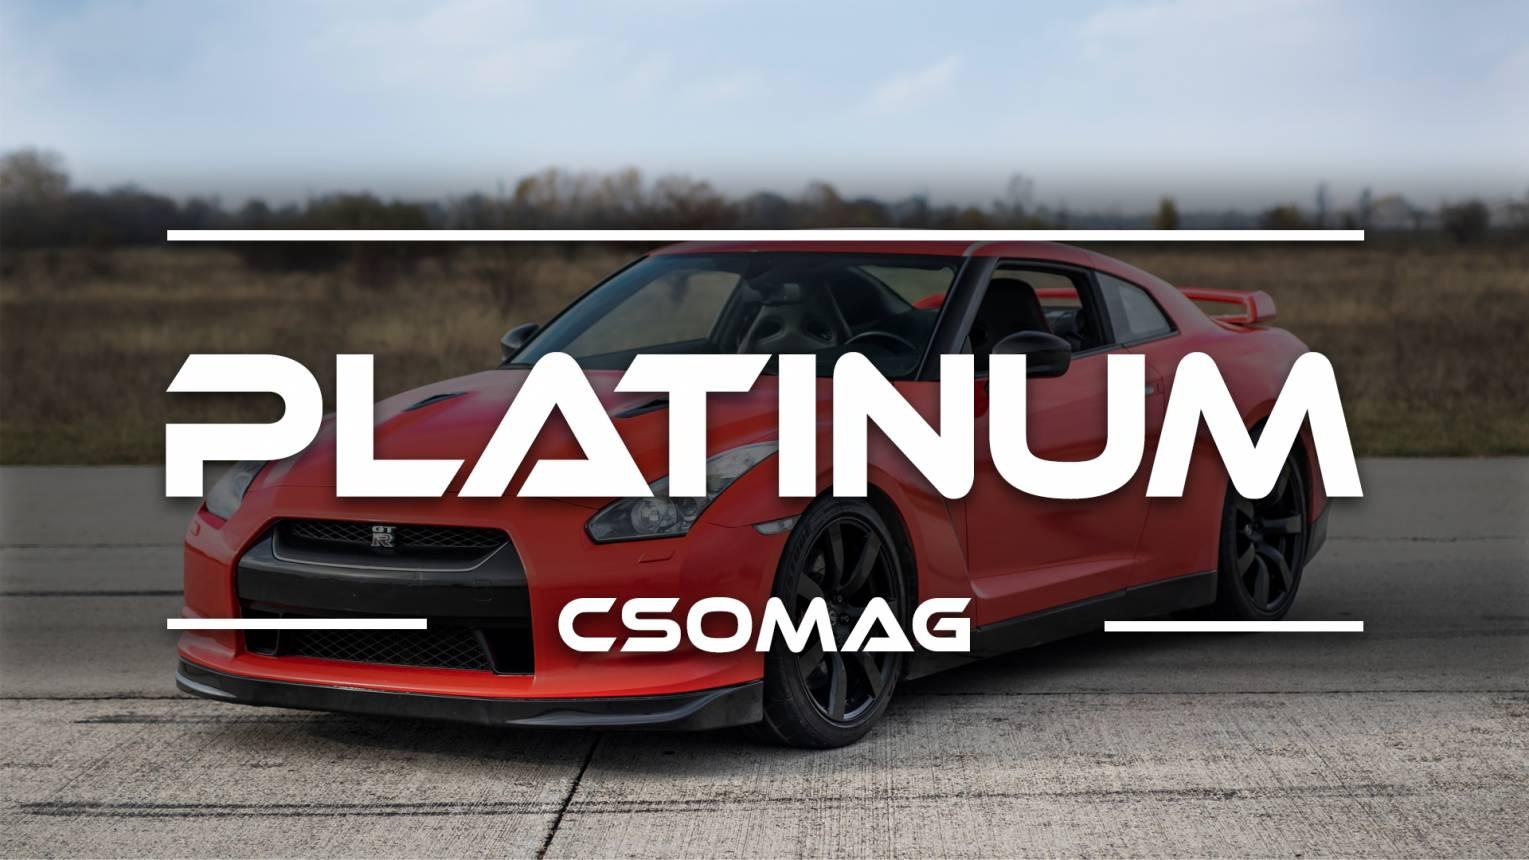 Platinum választható autós csomag